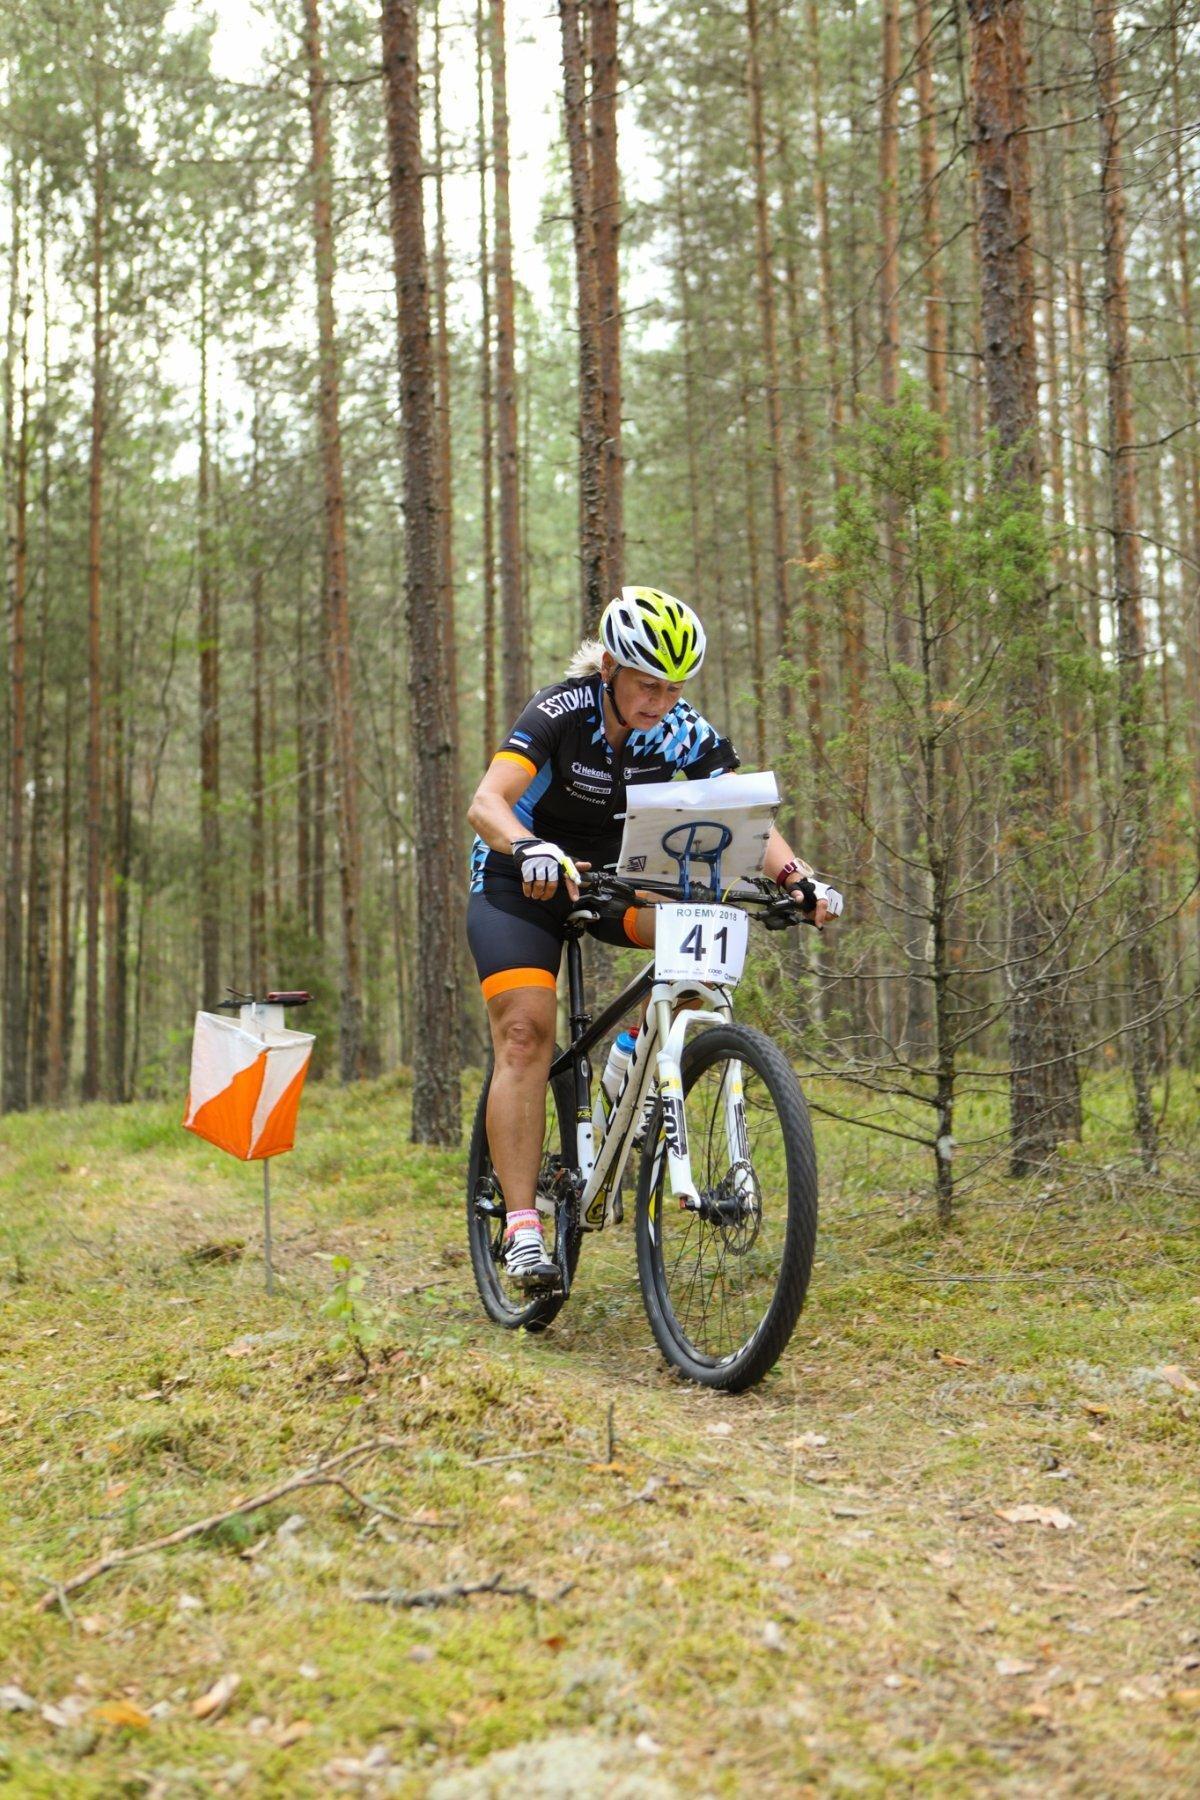 Orienteerutakse ka ratastega - eestlased on rattaorienteerumises rahvusvahelisel areenil väga edukad olnud - võidetud on nii maailma- kui Euroopa meistritiitleid